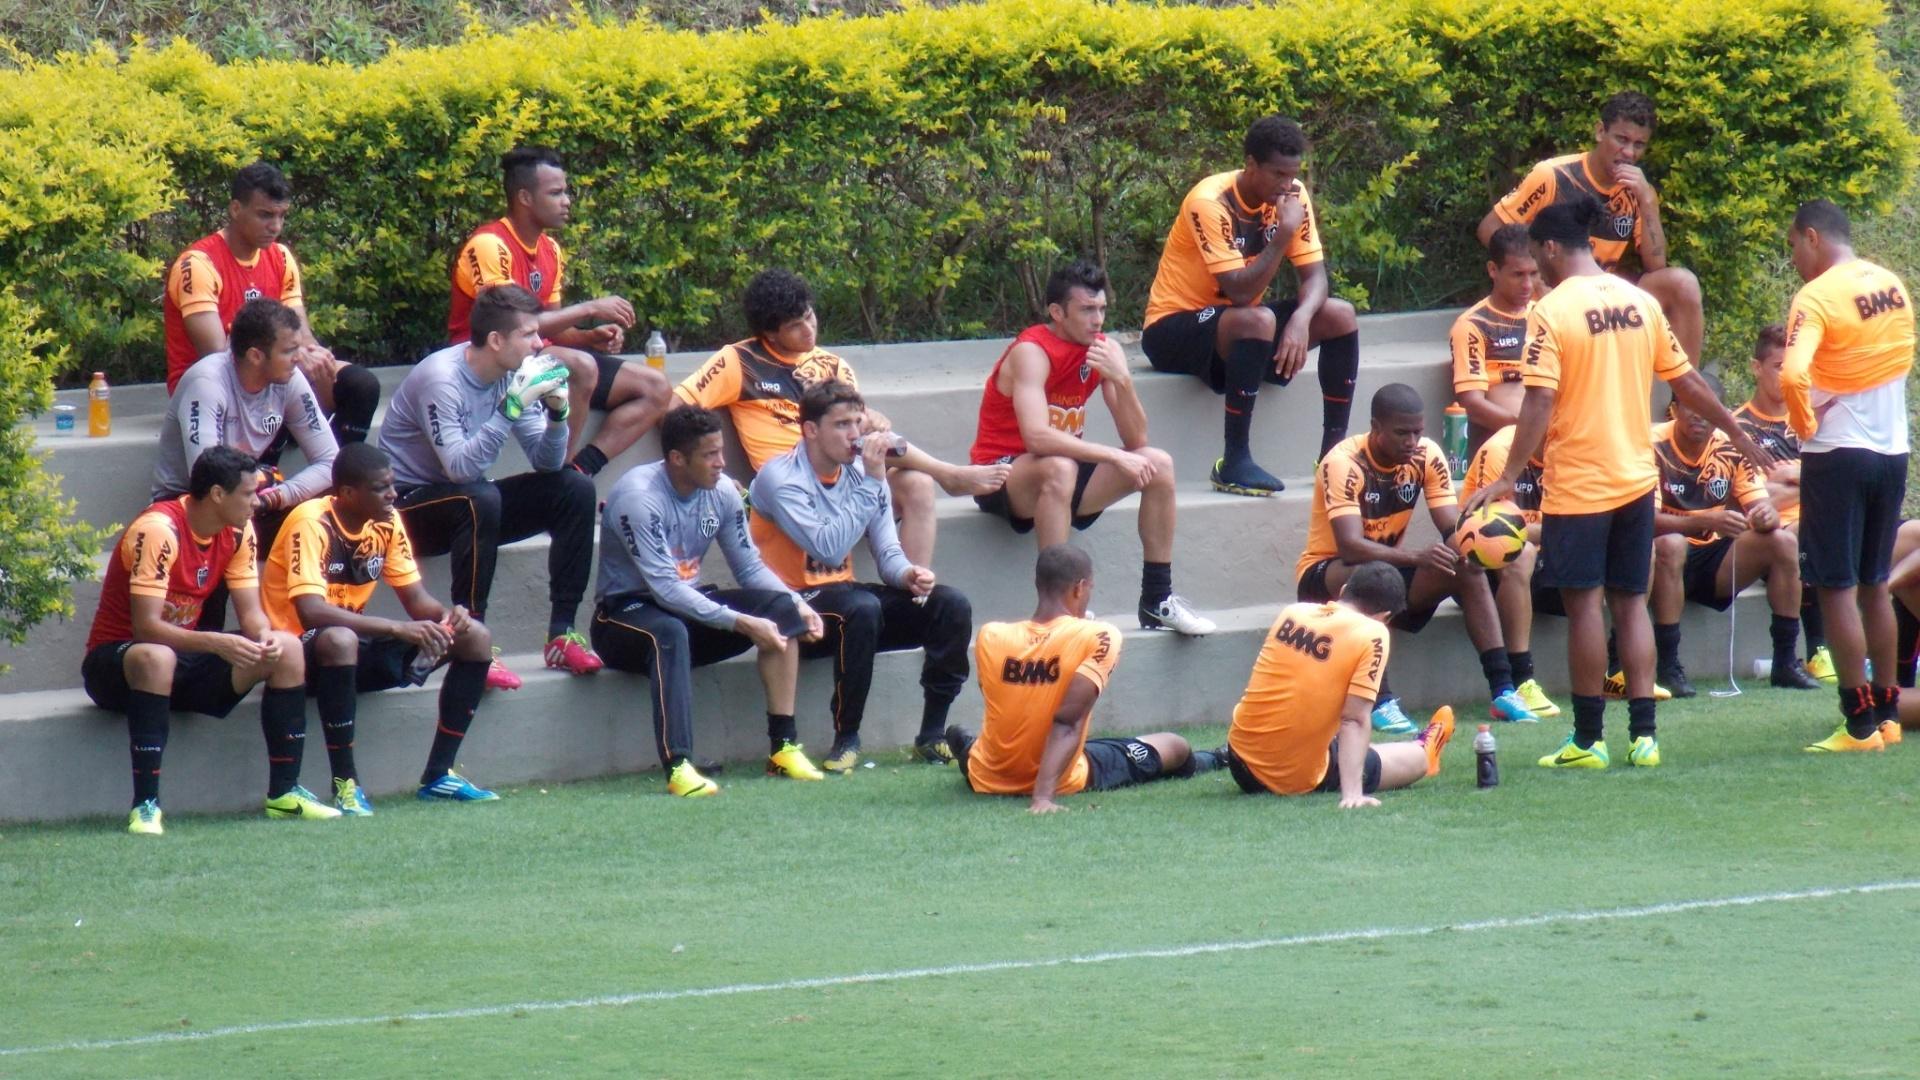 29 nov 2013 - Após o treino descontraído, Ronaldinho Gaúcho conversa com seus companheiros de Atlético-MG